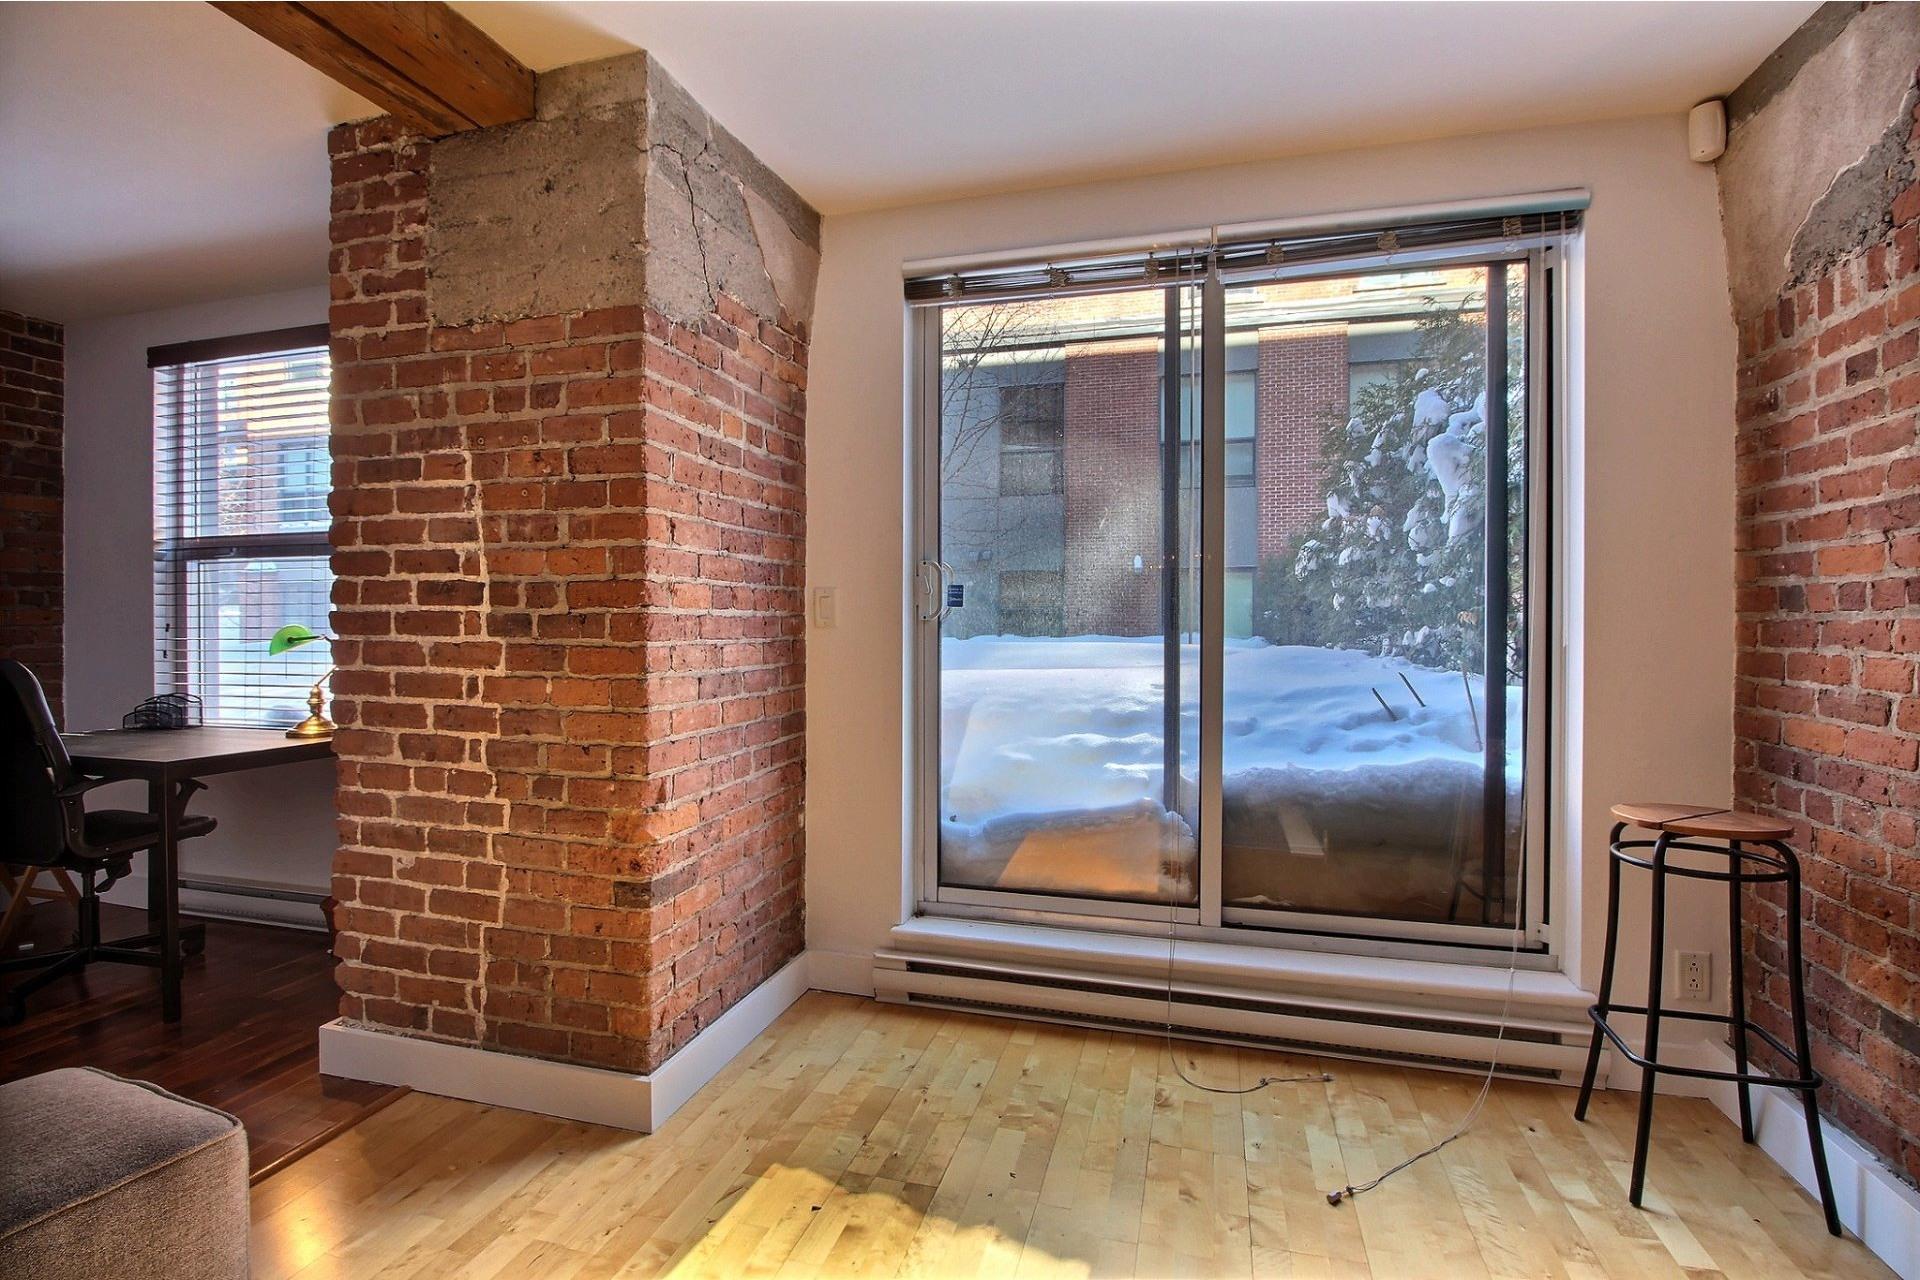 image 10 - Apartment For rent Montréal Mercier/Hochelaga-Maisonneuve  - 5 rooms